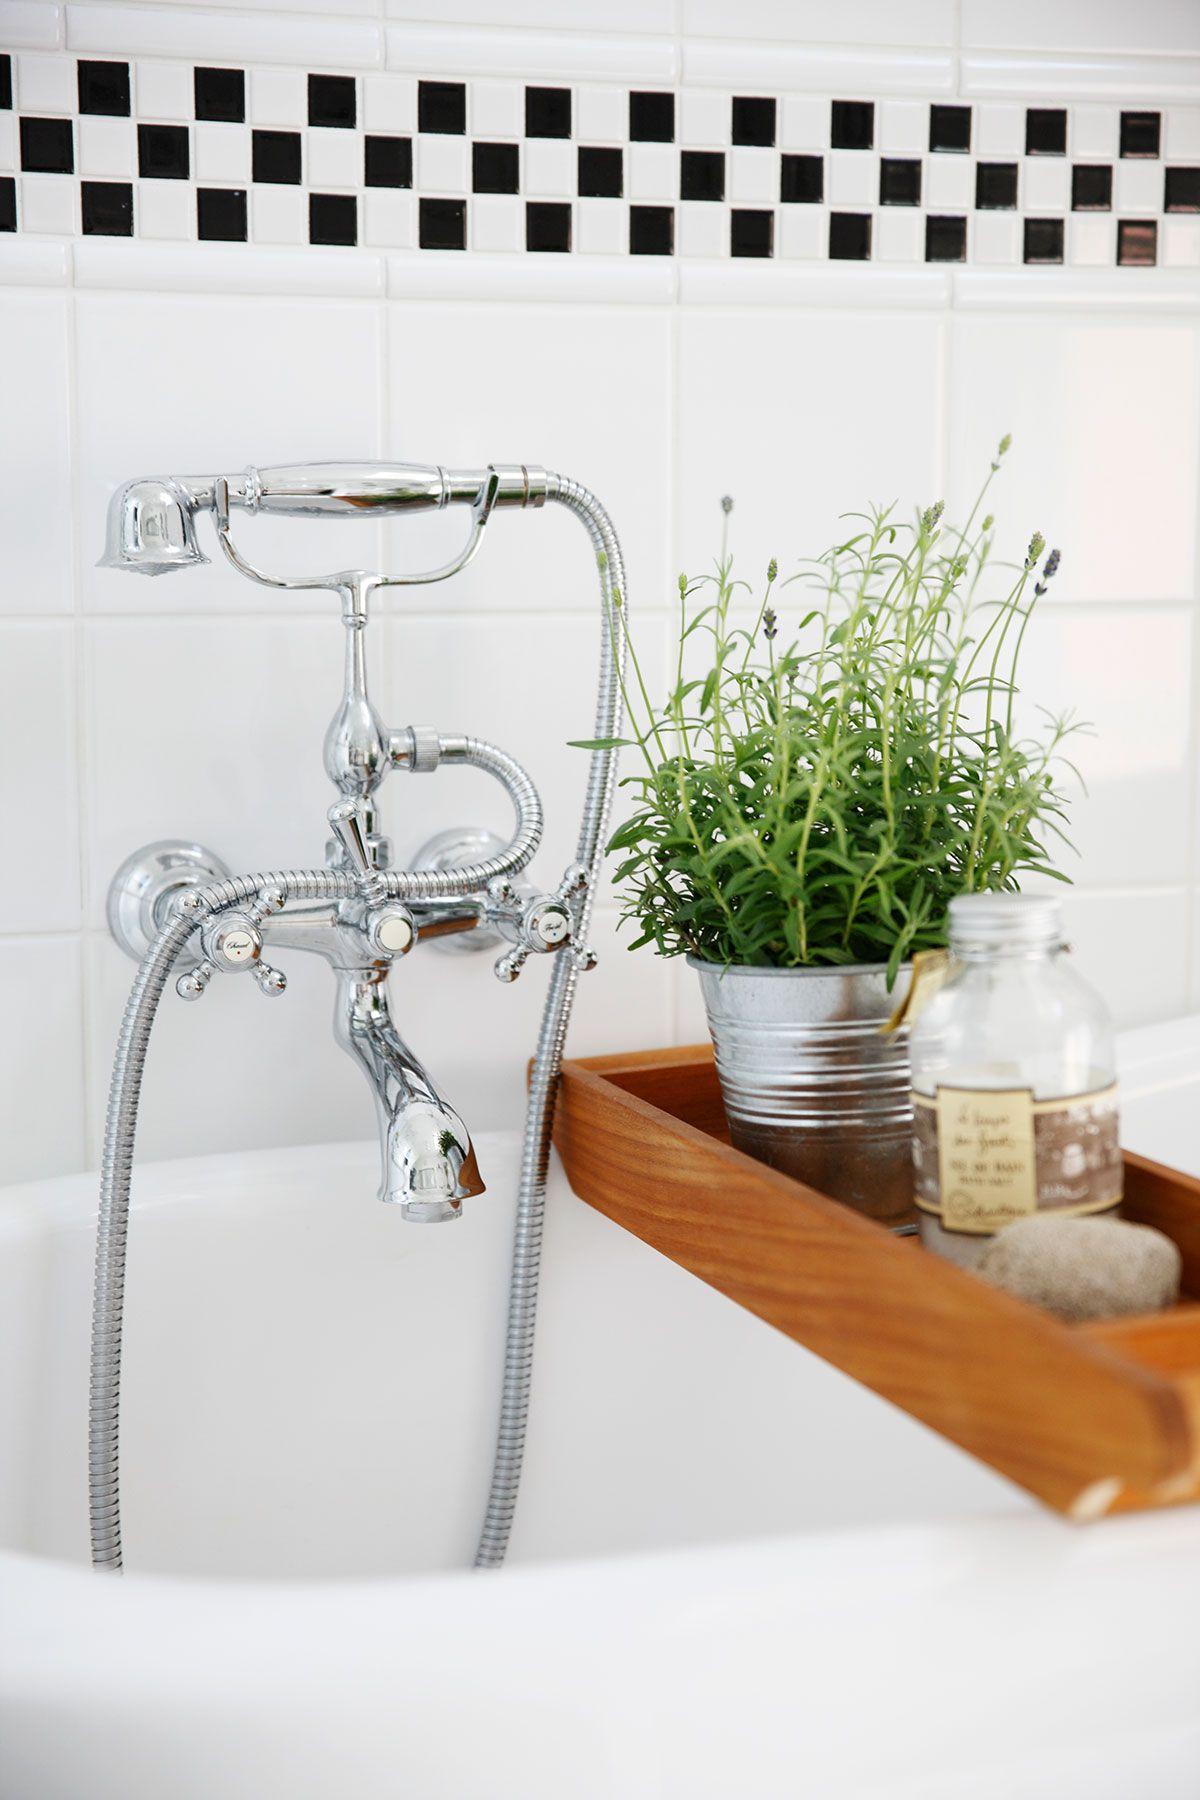 Damixan vanhanaikainen suihkuhana sopii hyvin tassuammeen pariksi. Tiikkinen ammeteline on ostettu Stockmannilta.